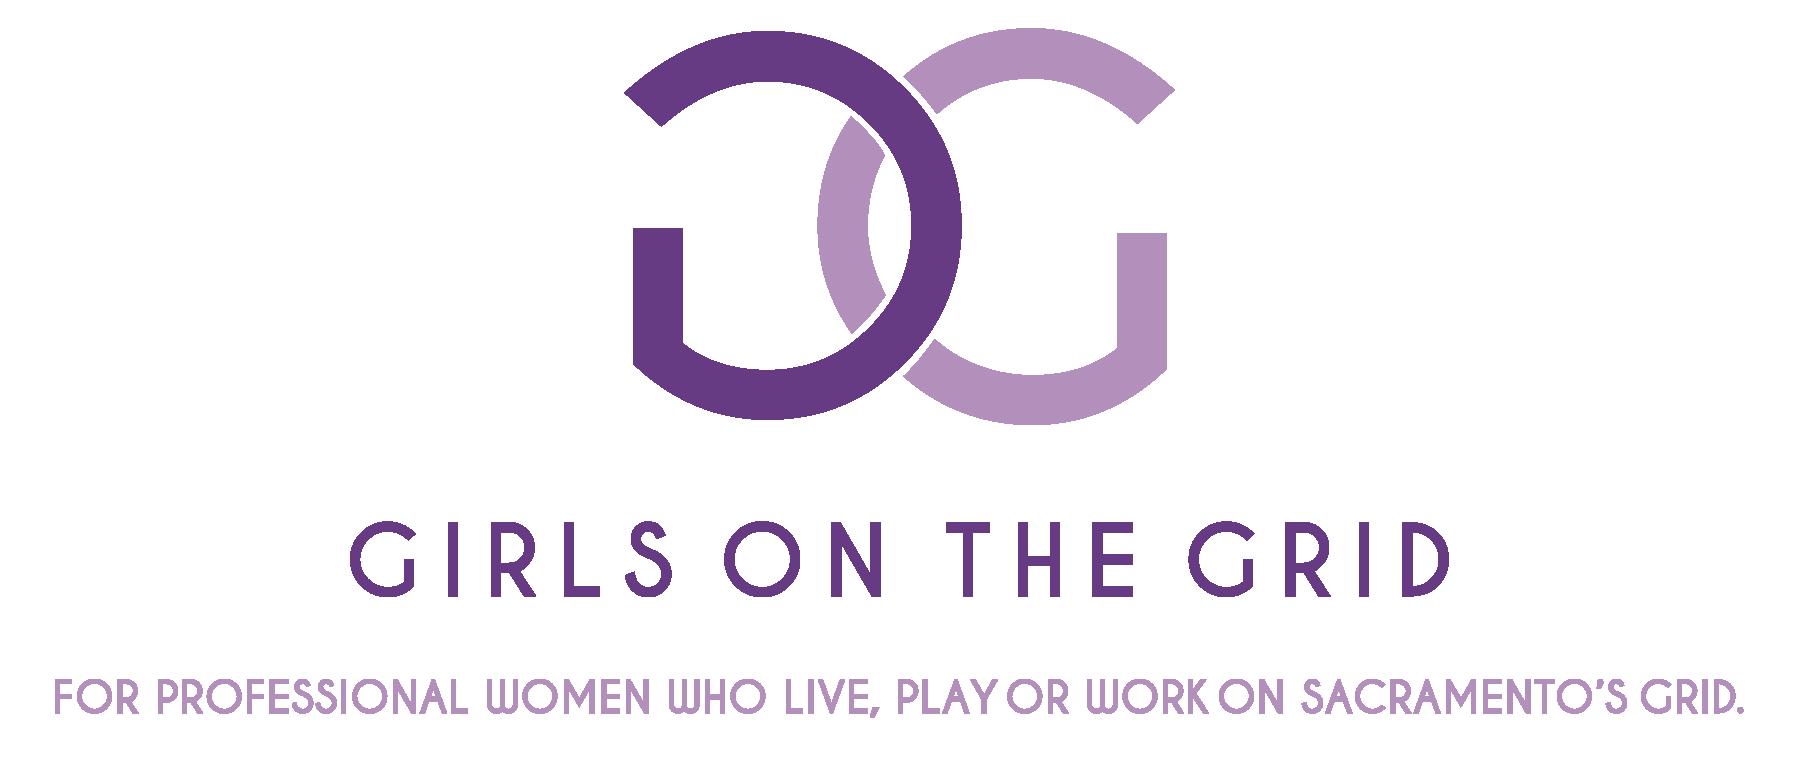 GG LOGO2 2017-01-02.png